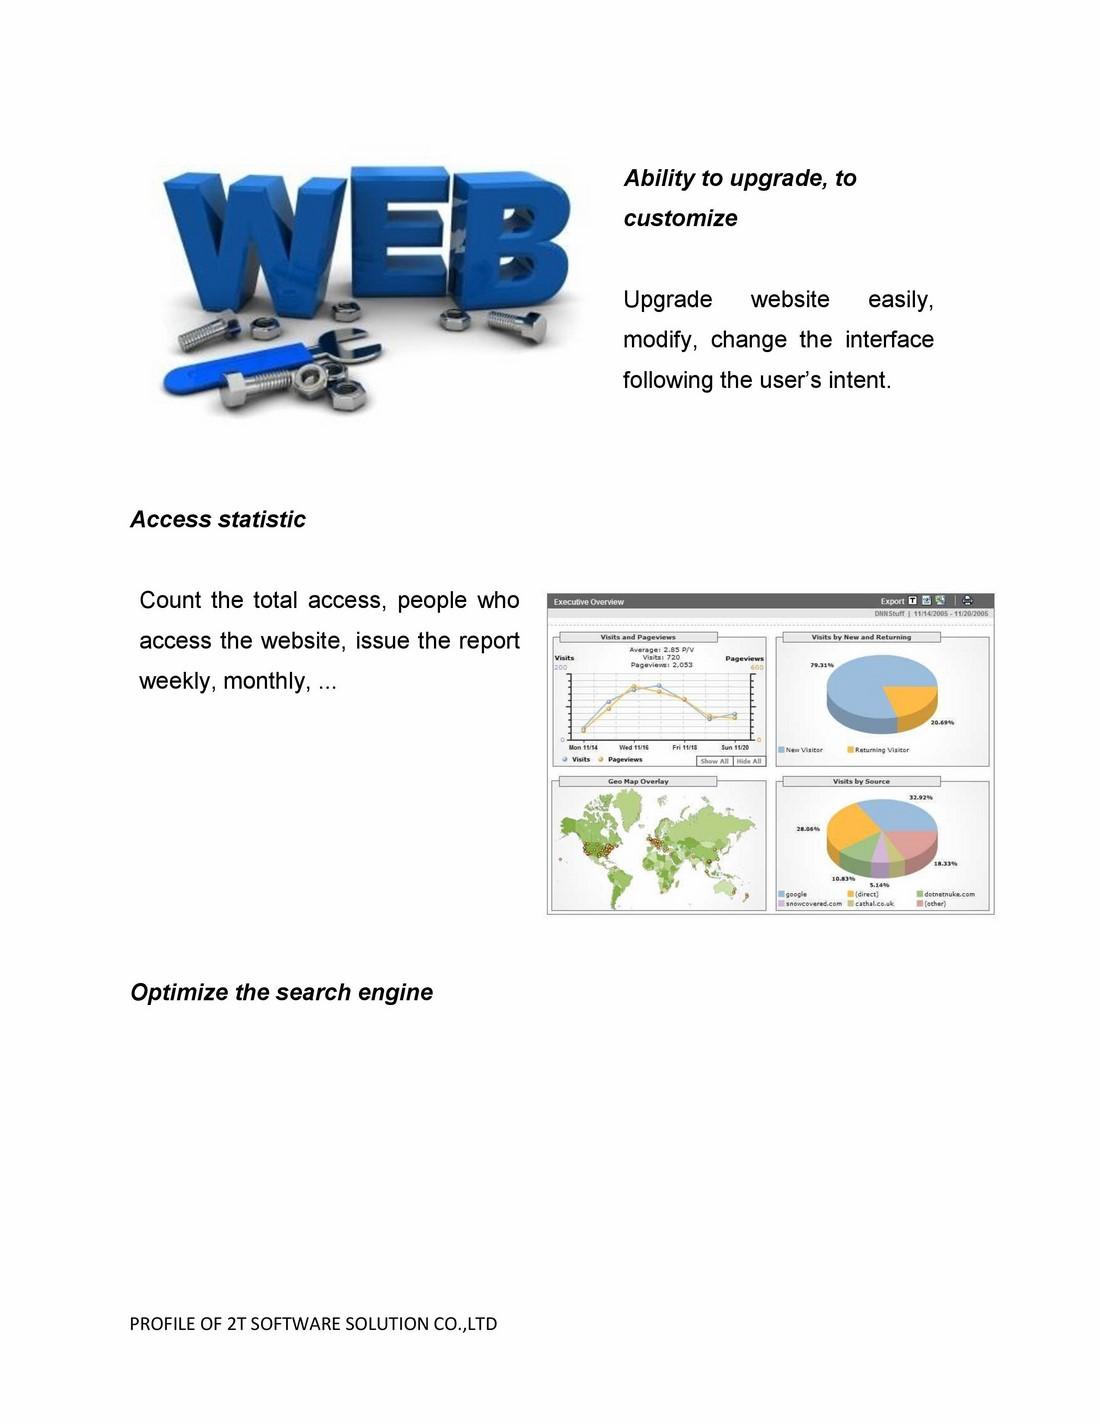 2TS Profile_eng-page-032 (Copy)